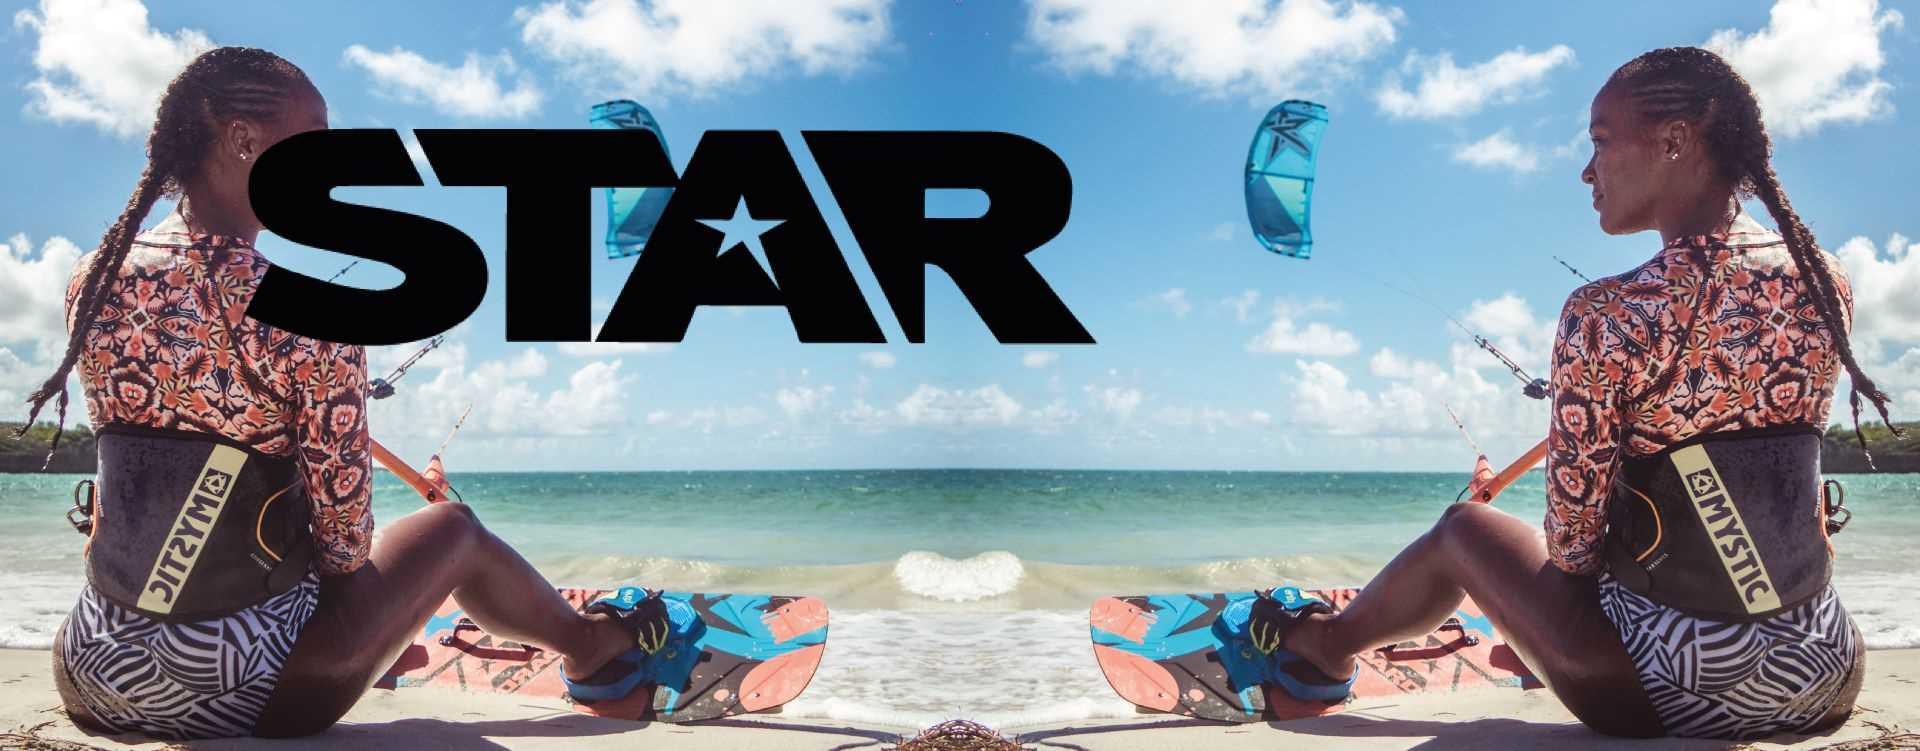 star kiteboarding kitesurf di sconto